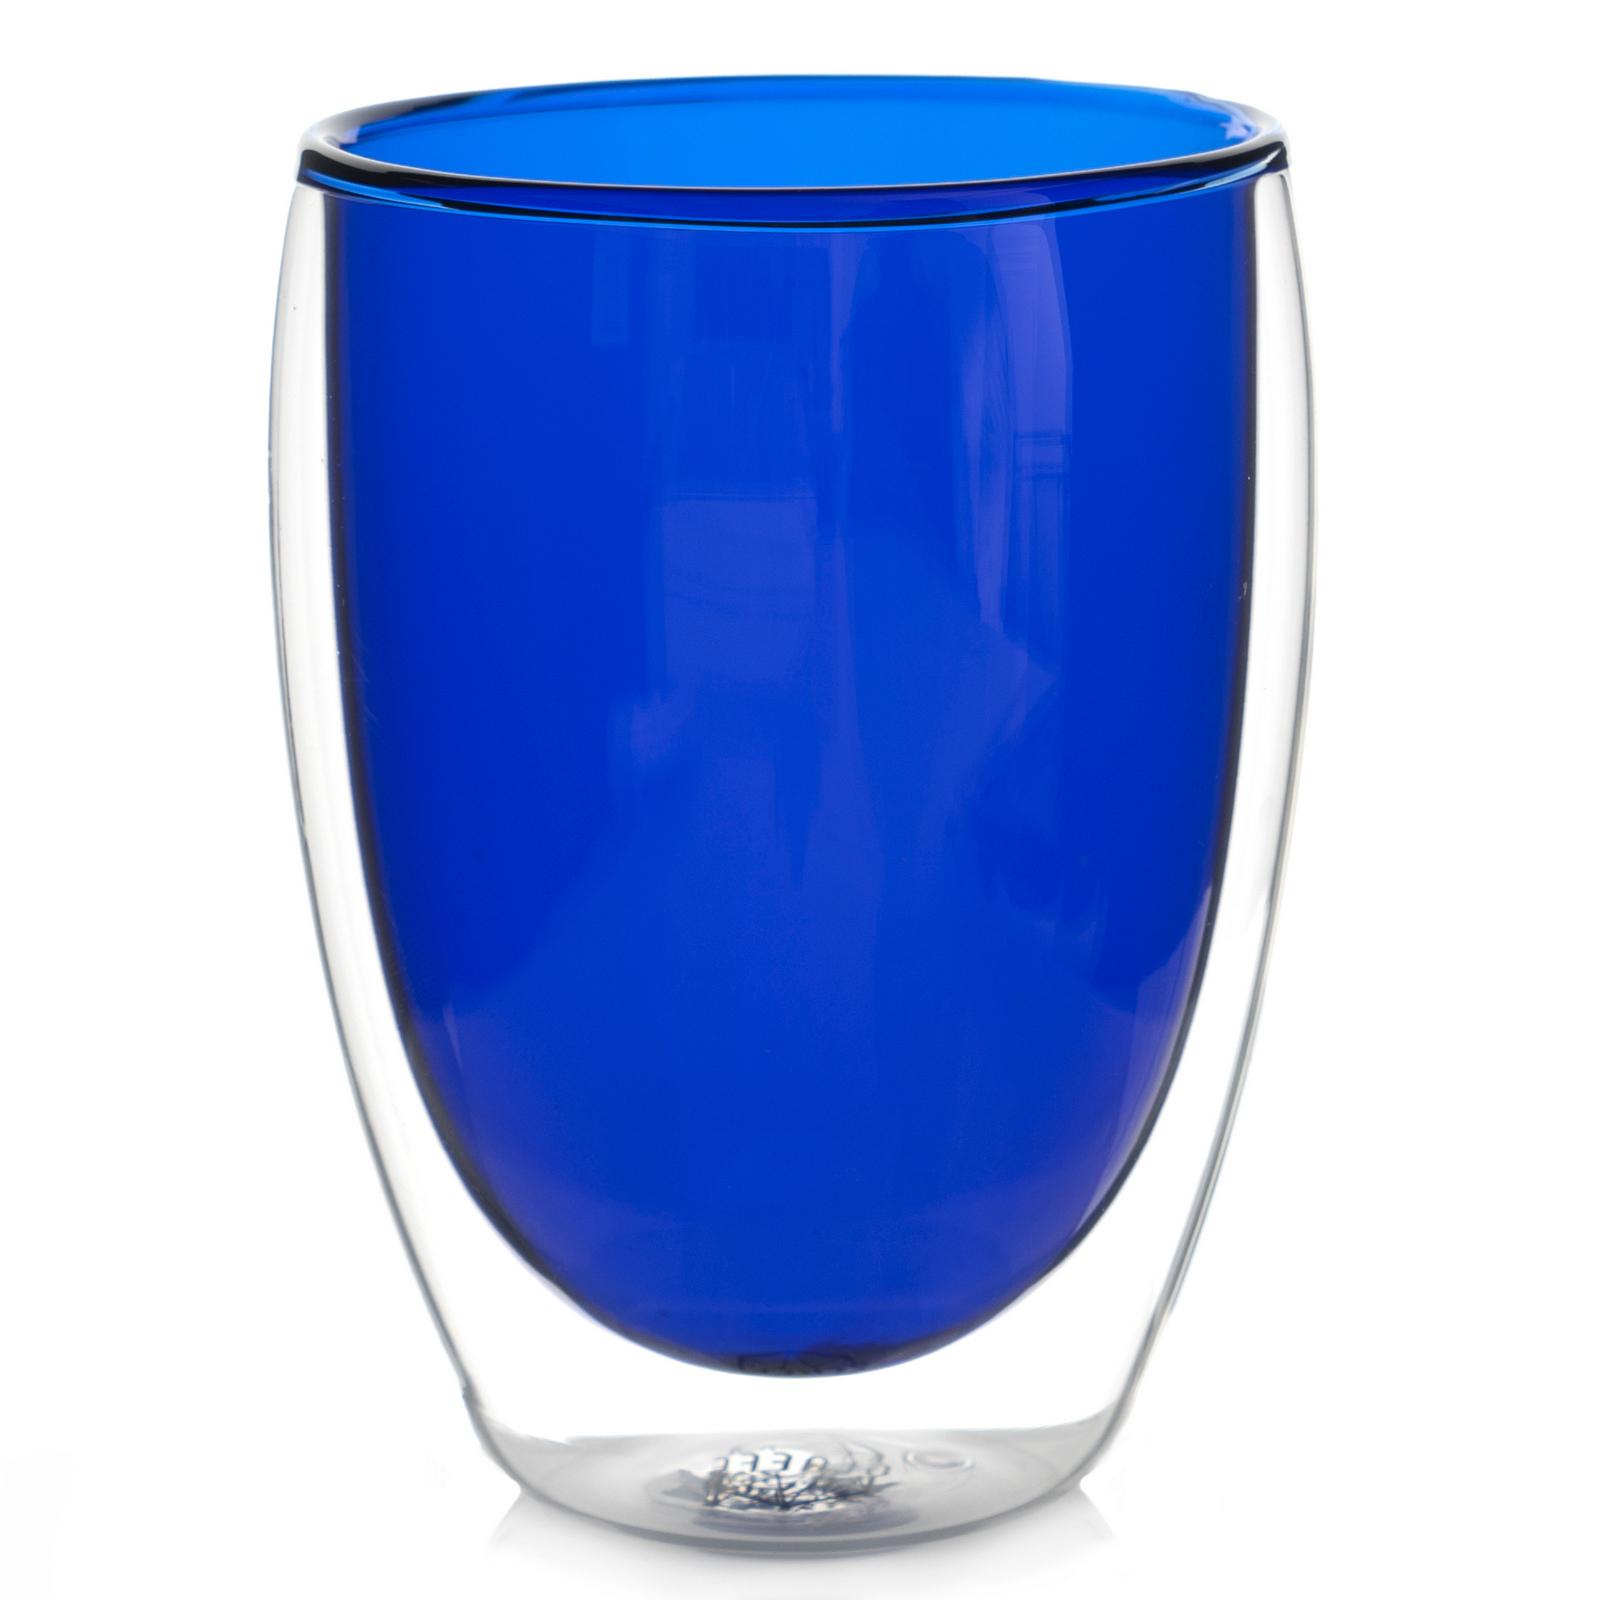 Все товары Стакан с двойными стенками цветной 350 мл, синий синий2.jpg